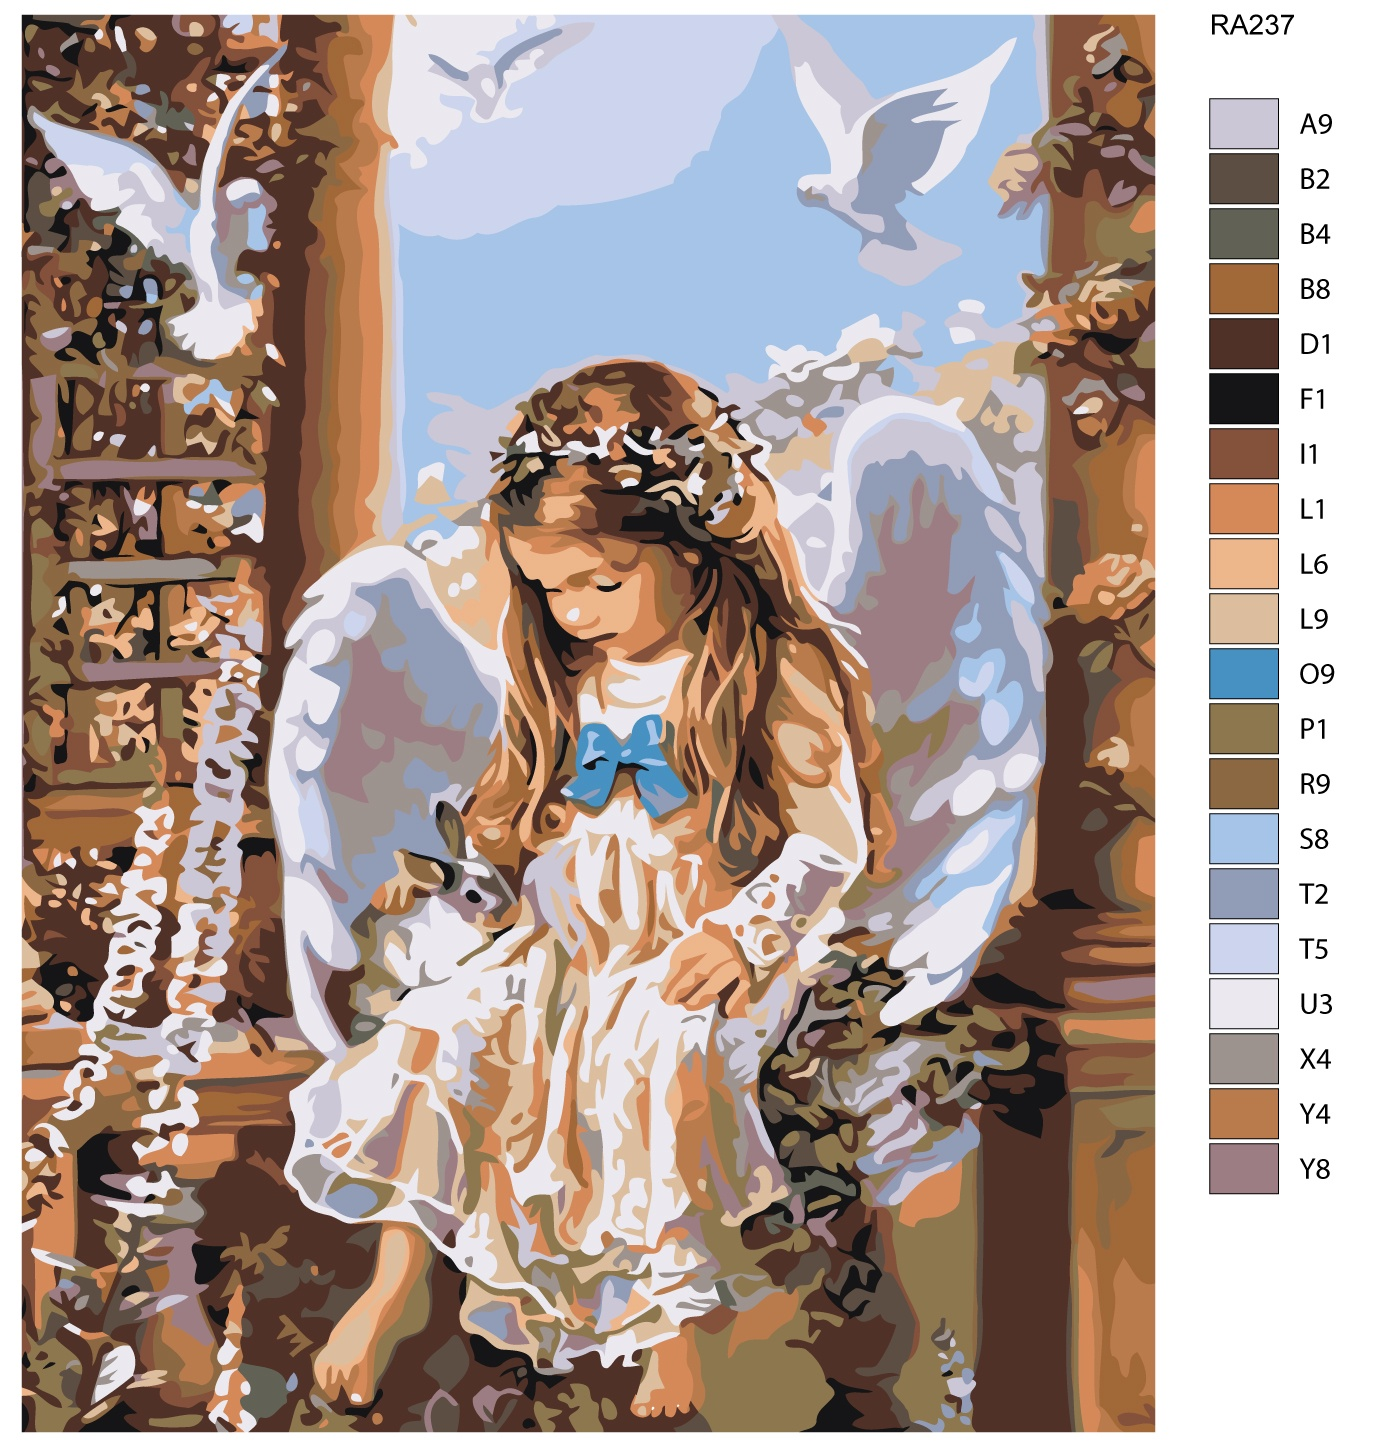 Картина по номерам, 80 x 100 см, RA237